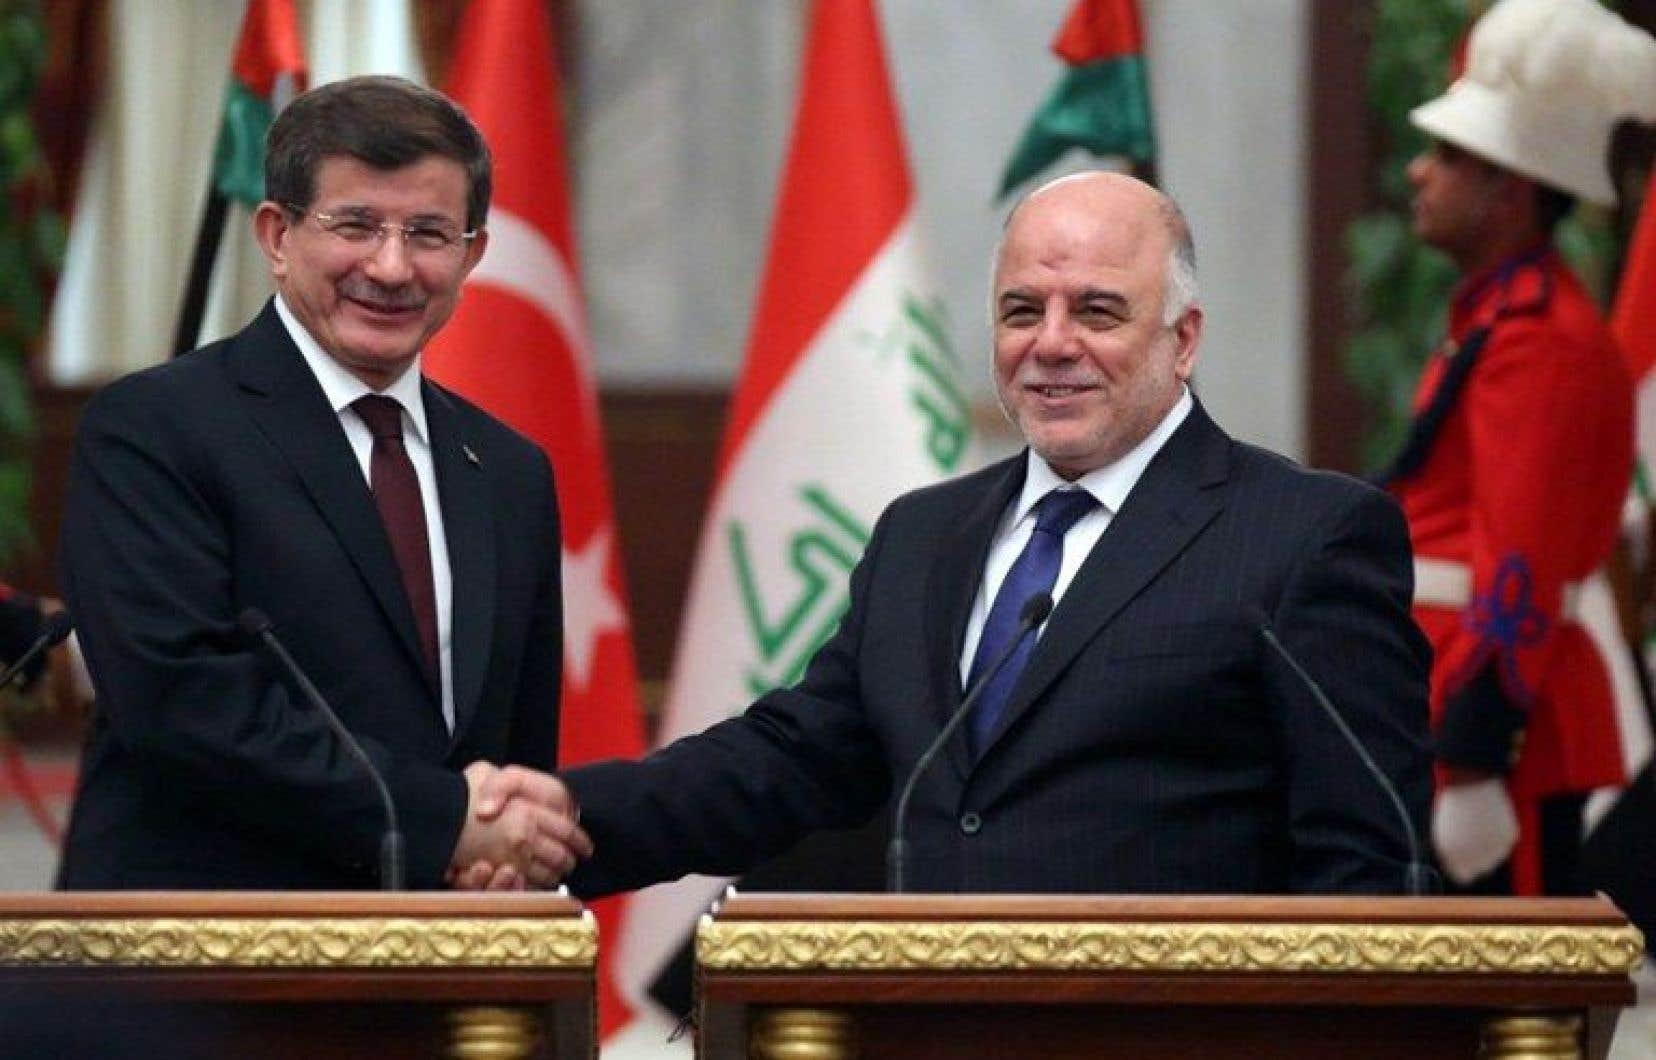 Le premier ministre turc Ahmet Davutoglu (gauche) et le chef du gouvernement irakien Haïdar al-Abadi, jeudi à Bagdad.